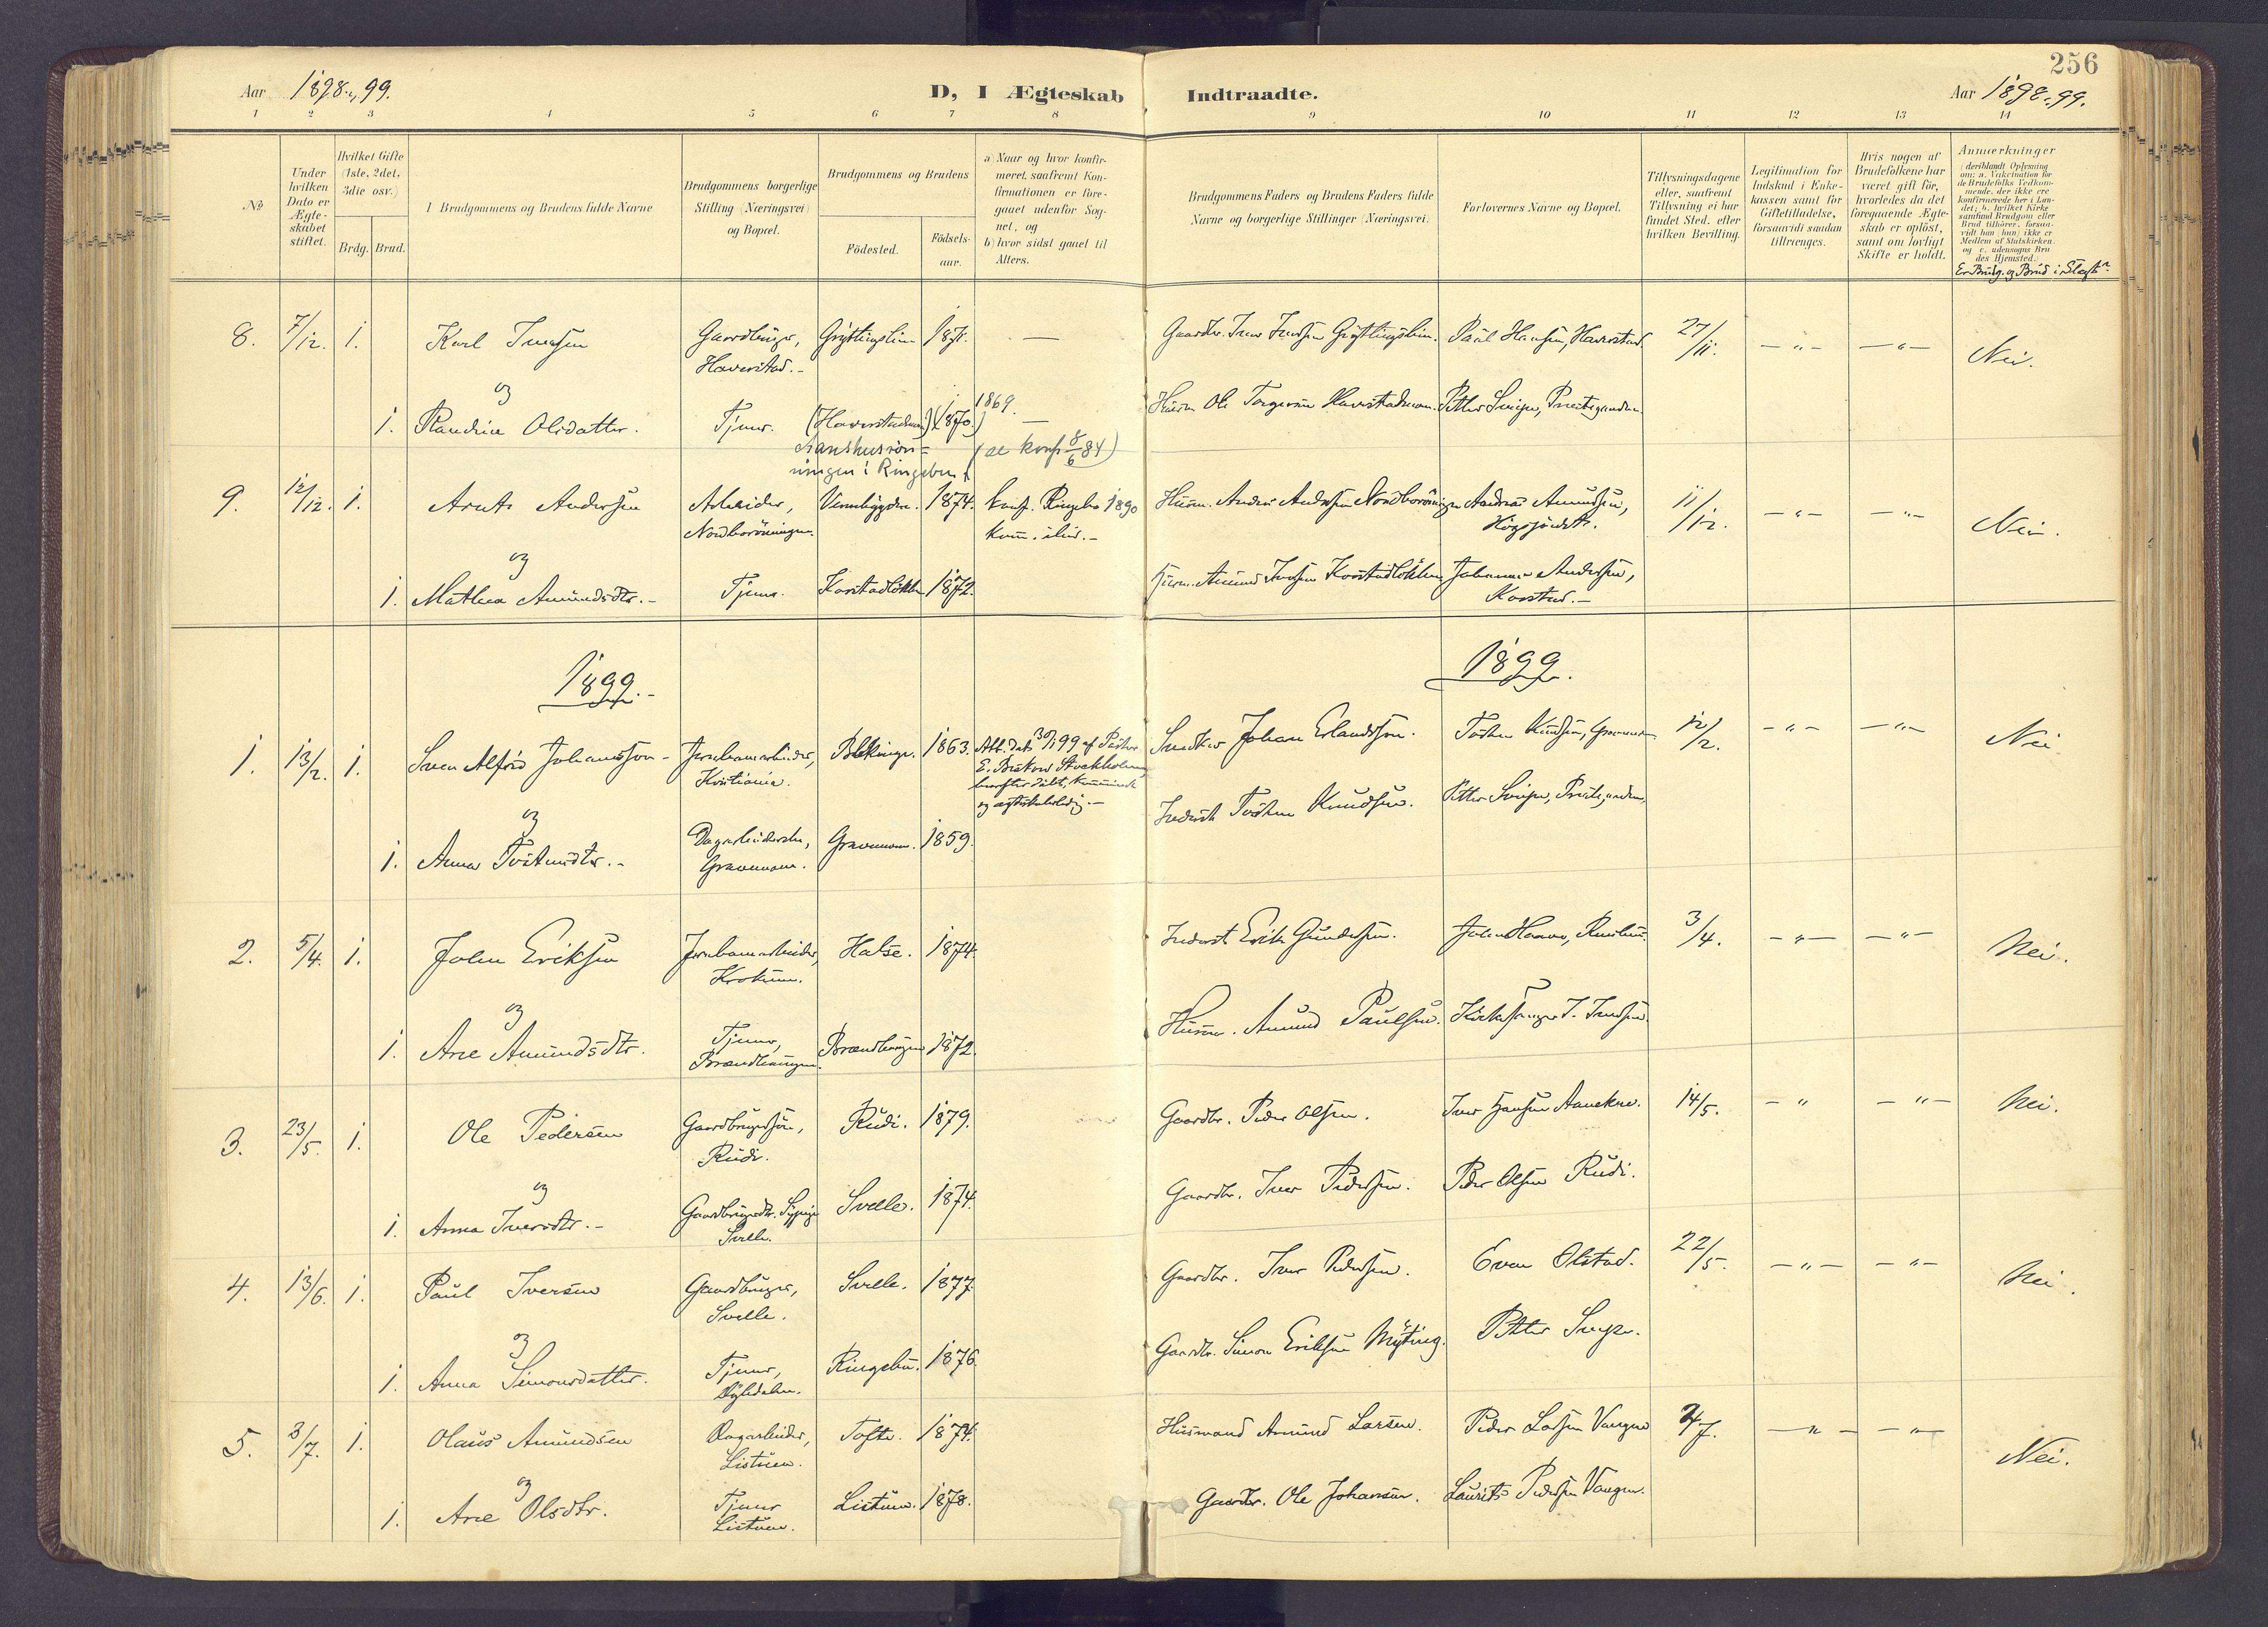 SAH, Sør-Fron prestekontor, H/Ha/Haa/L0004: Ministerialbok nr. 4, 1898-1919, s. 256